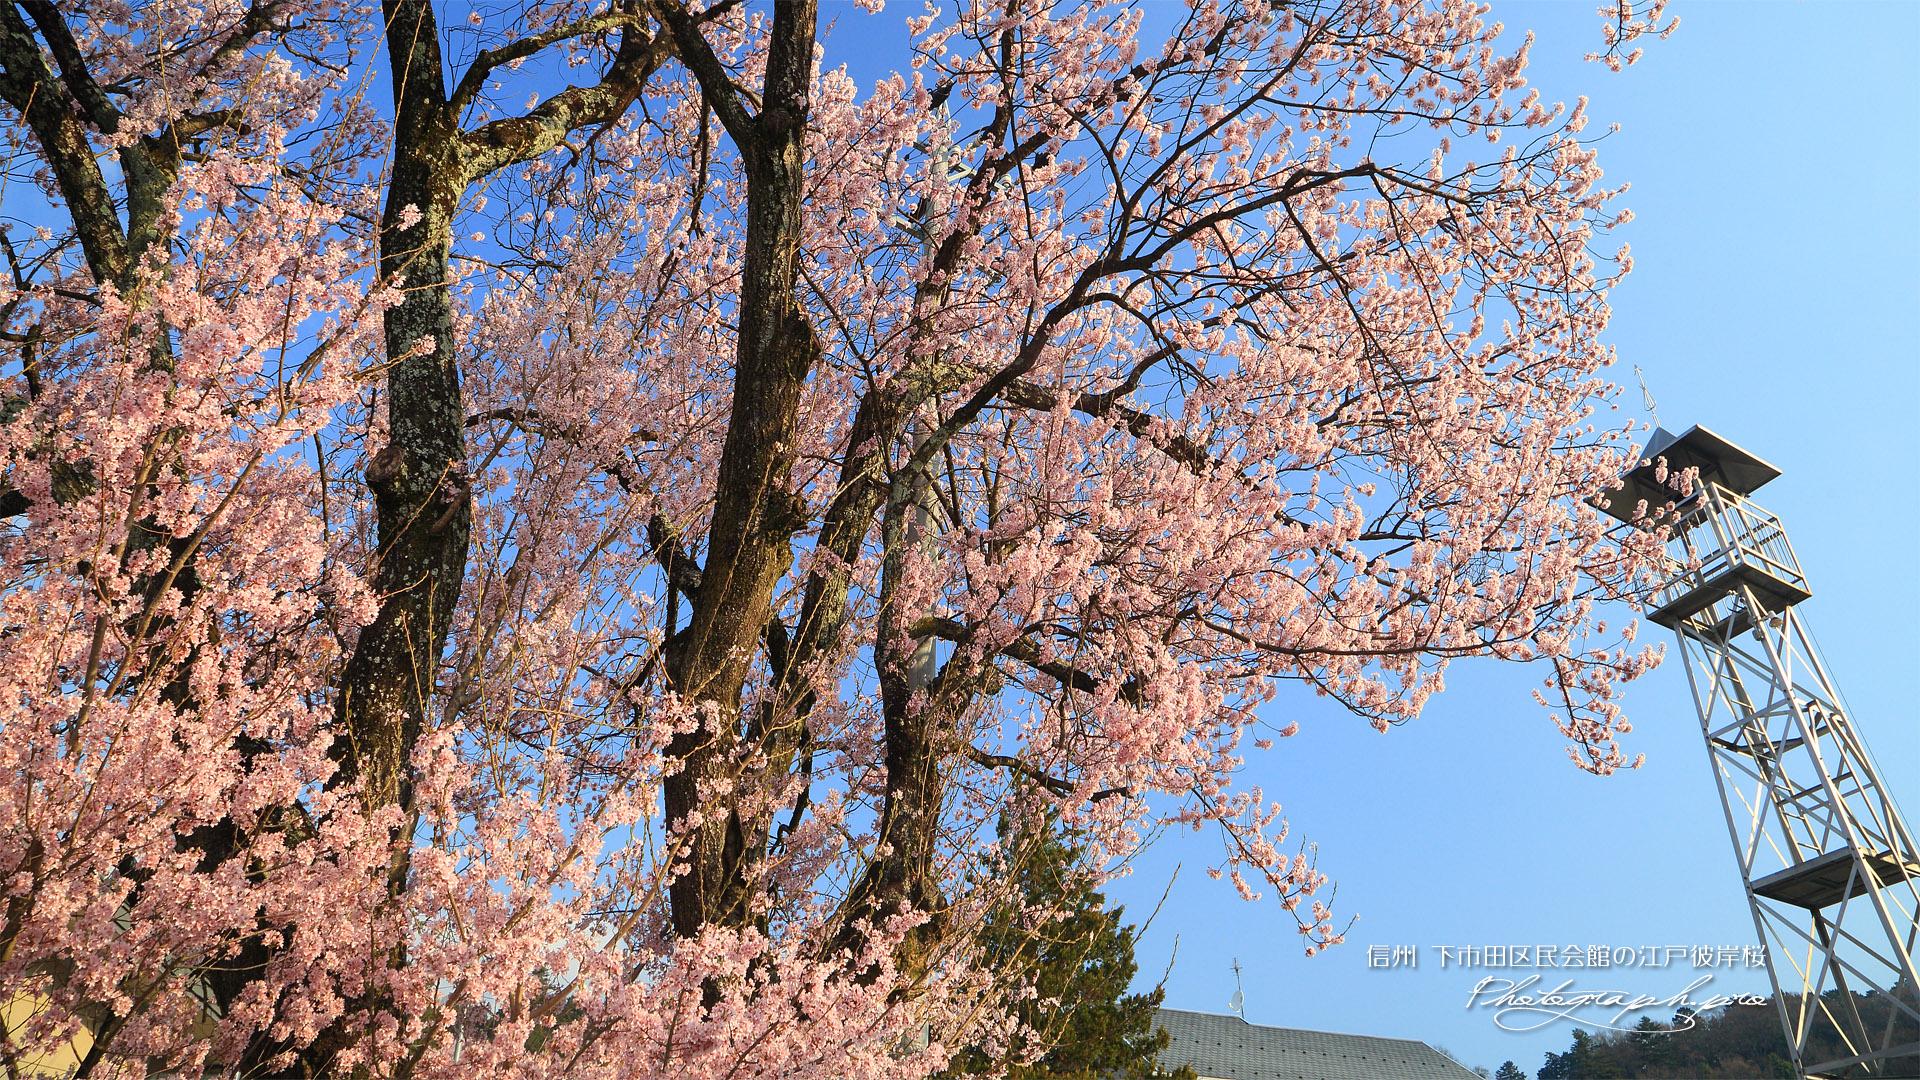 下市田区民会館の江戸彼岸桜